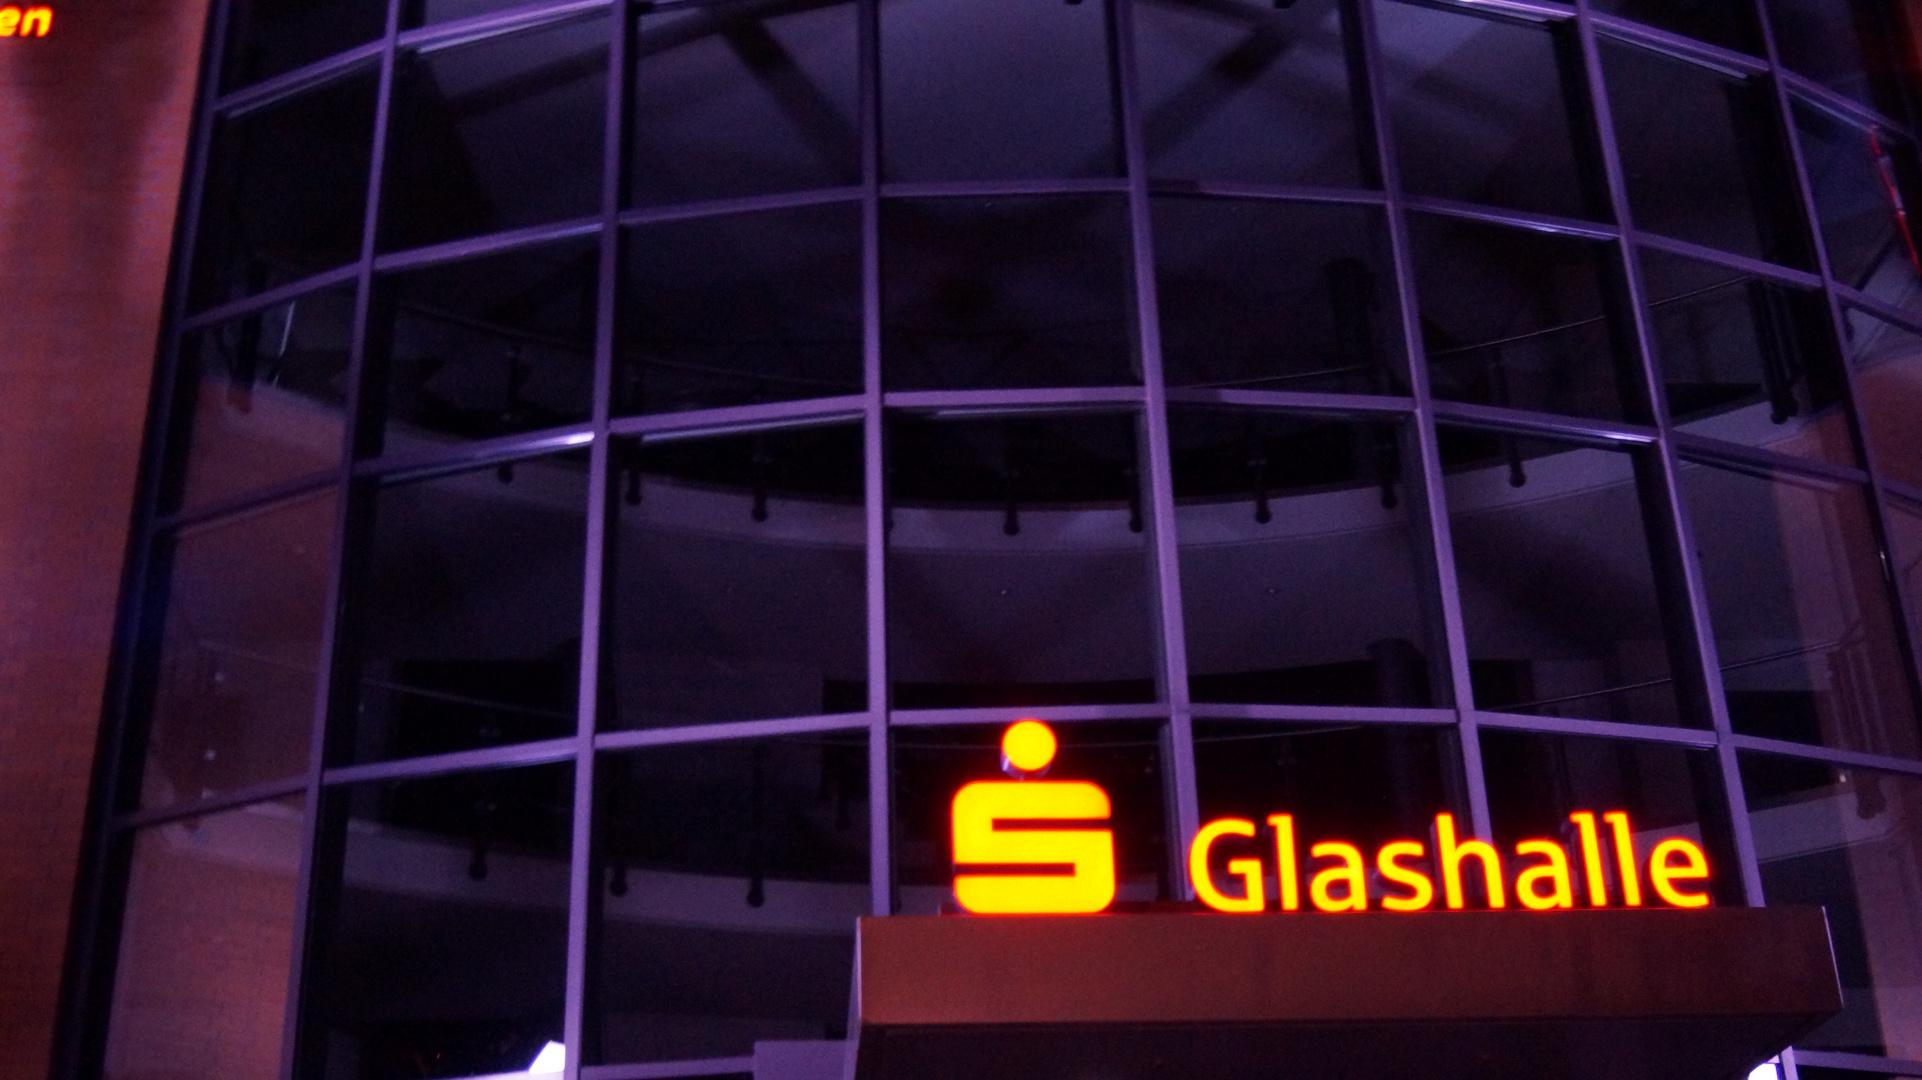 Glashalle Hildesheim